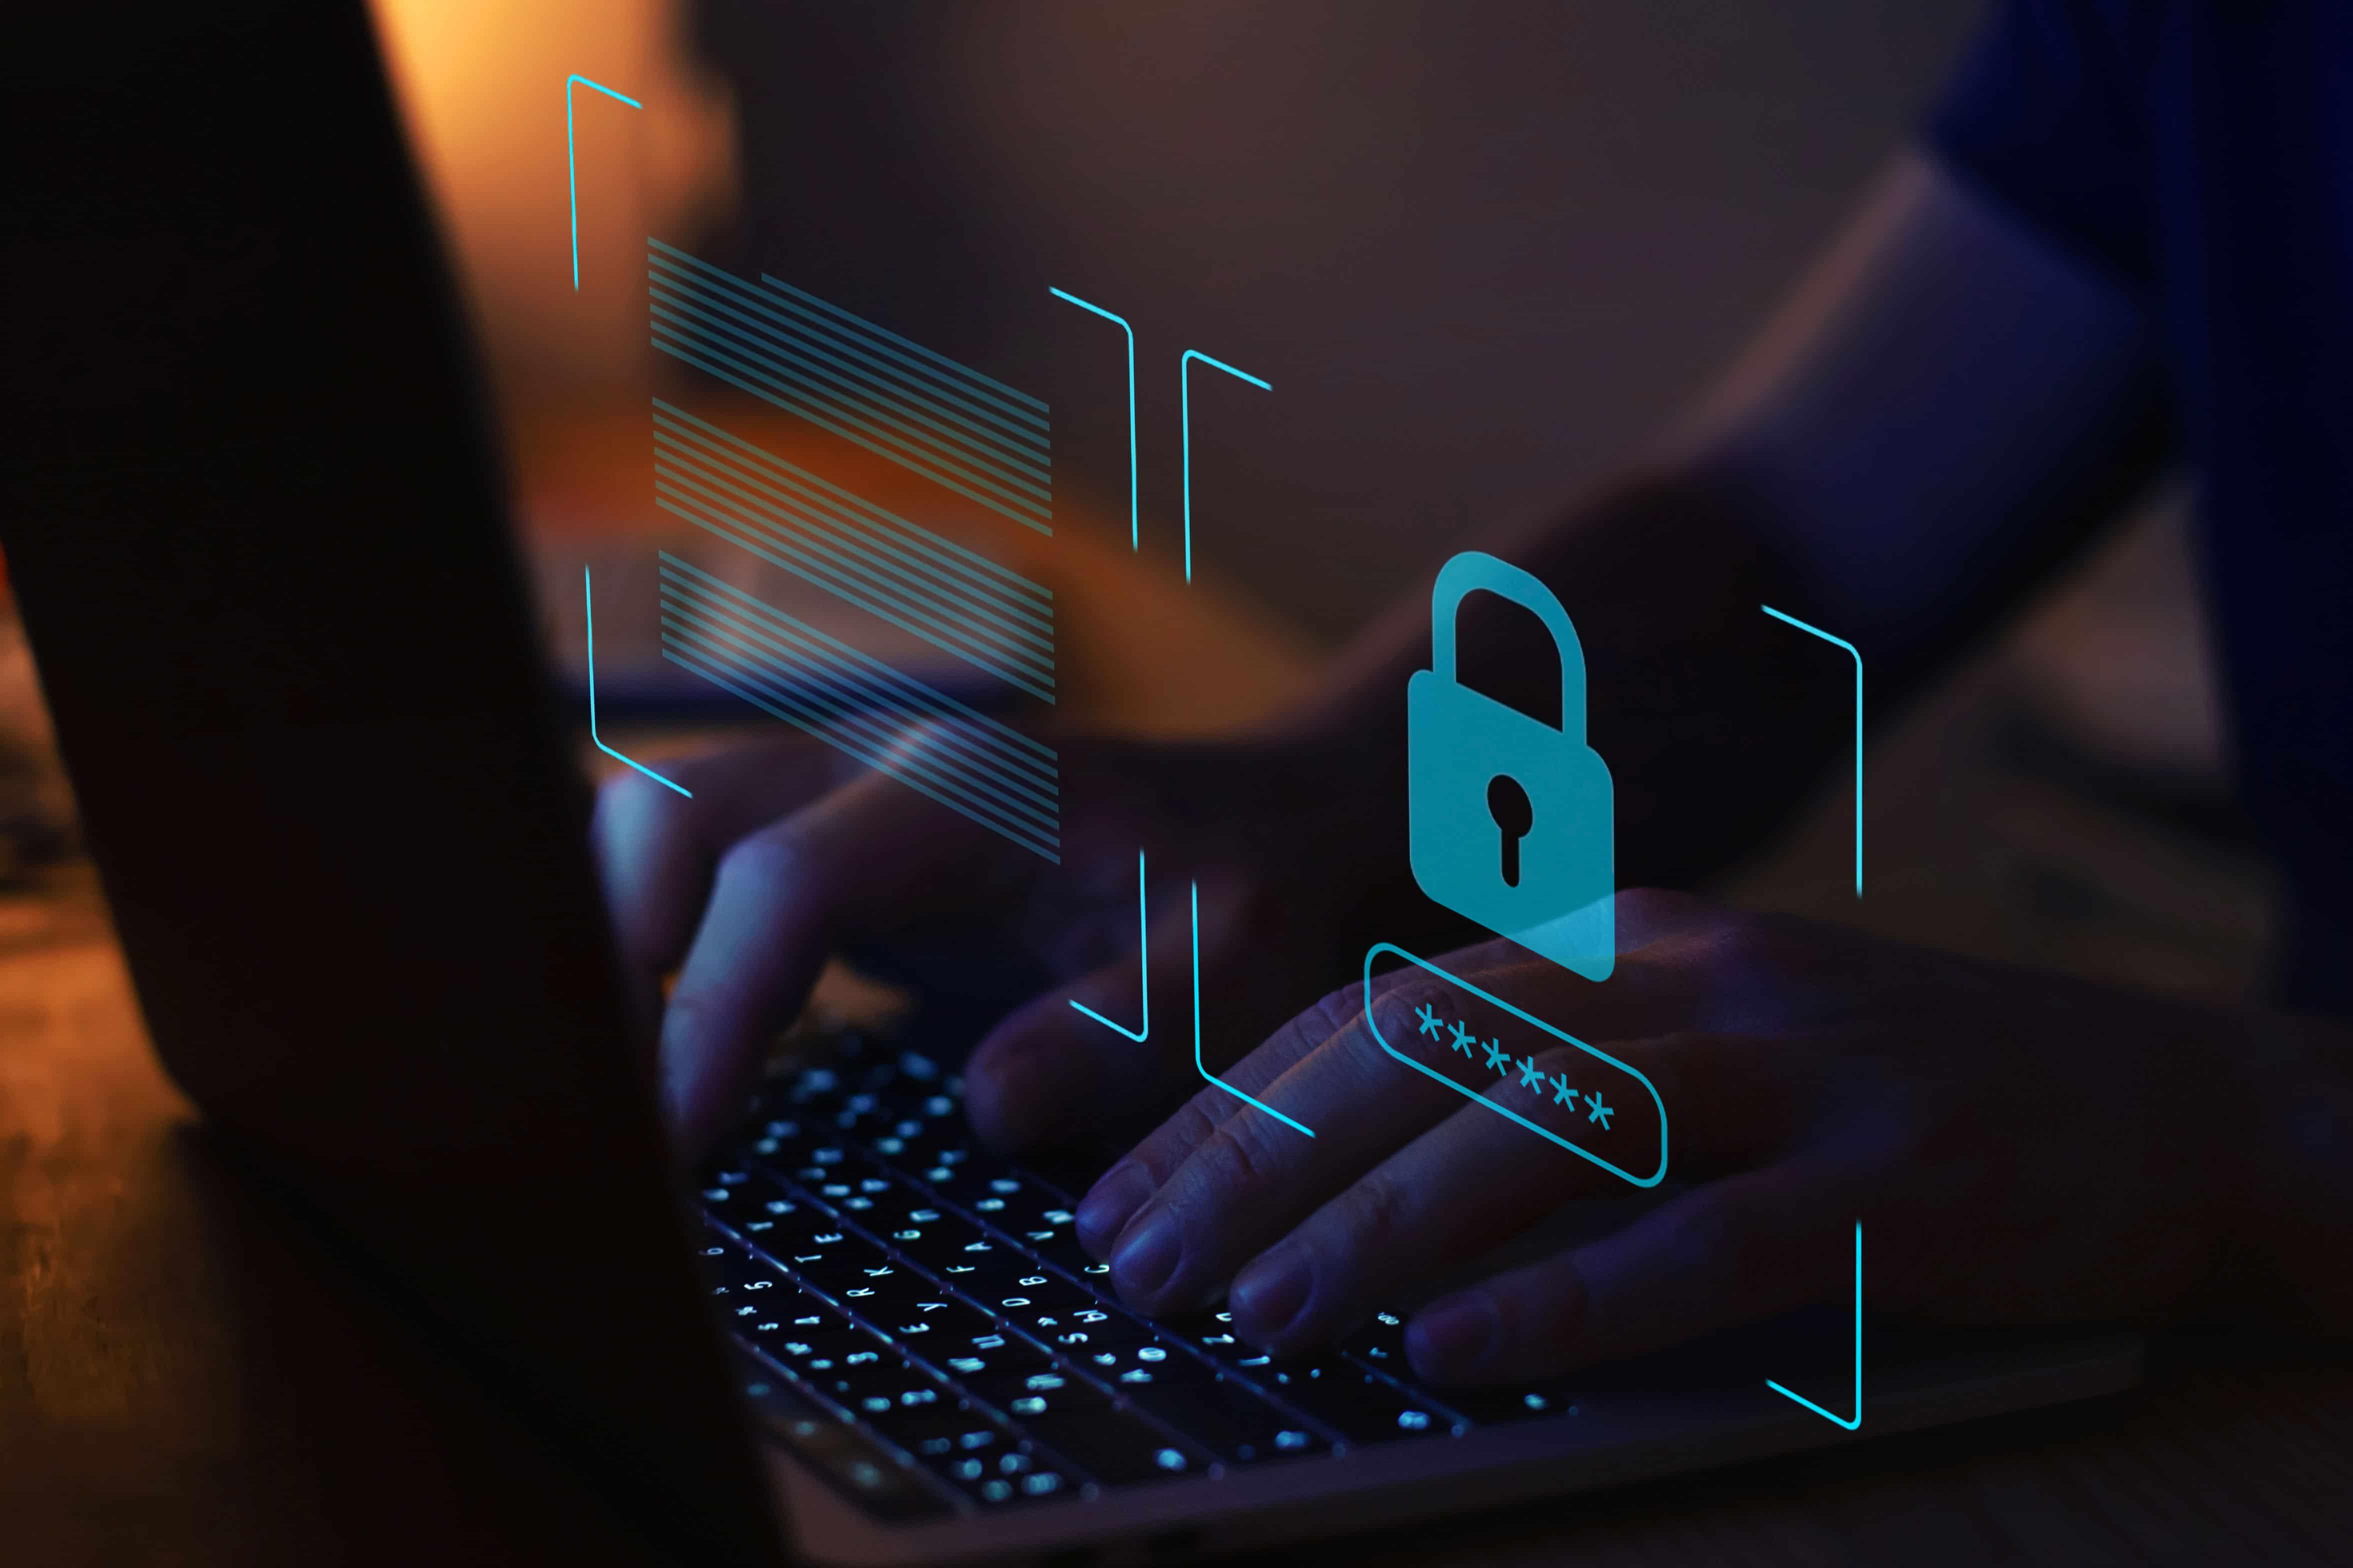 Novas normas de segurança cibernética para seguradoras são postas em consulta pública